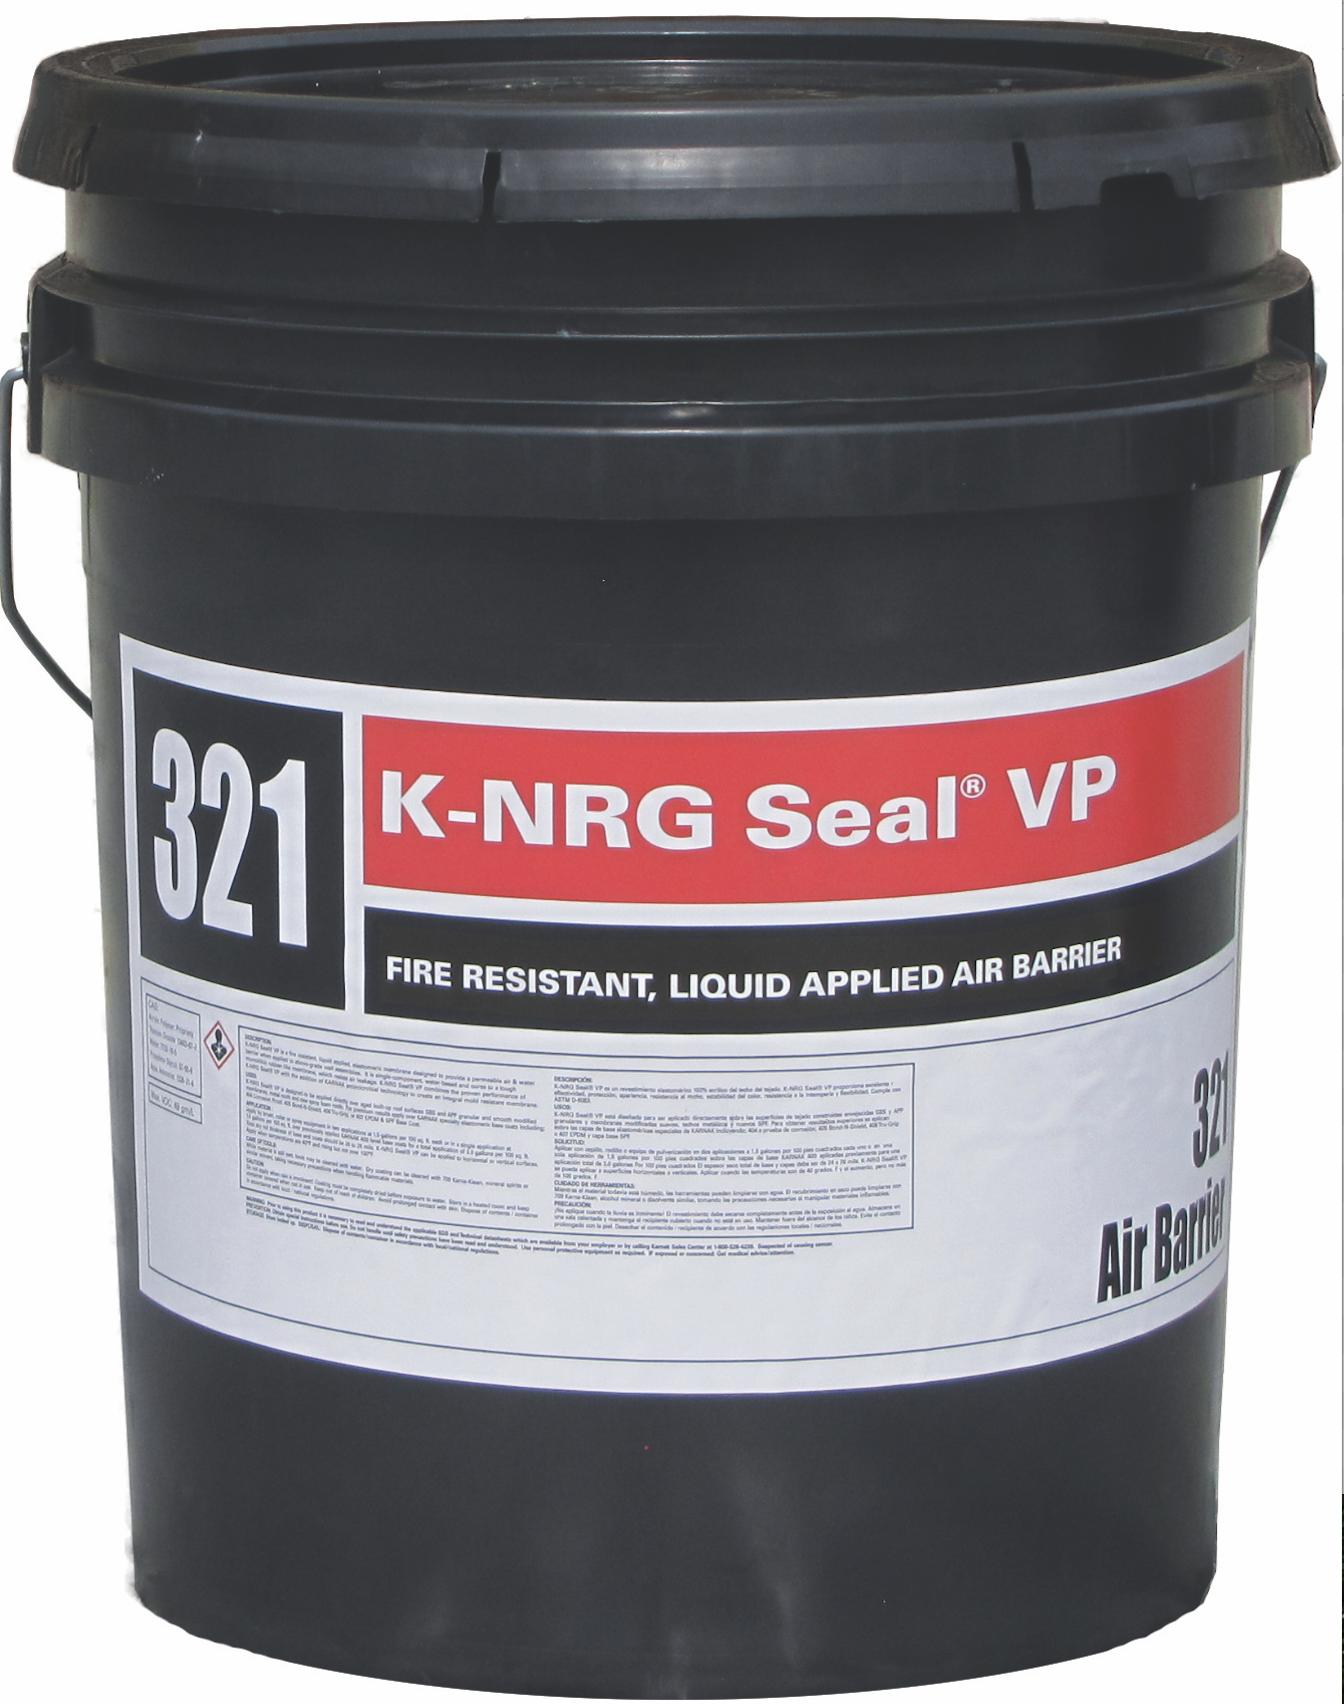 KARNAK launches K-NRG Seal VP